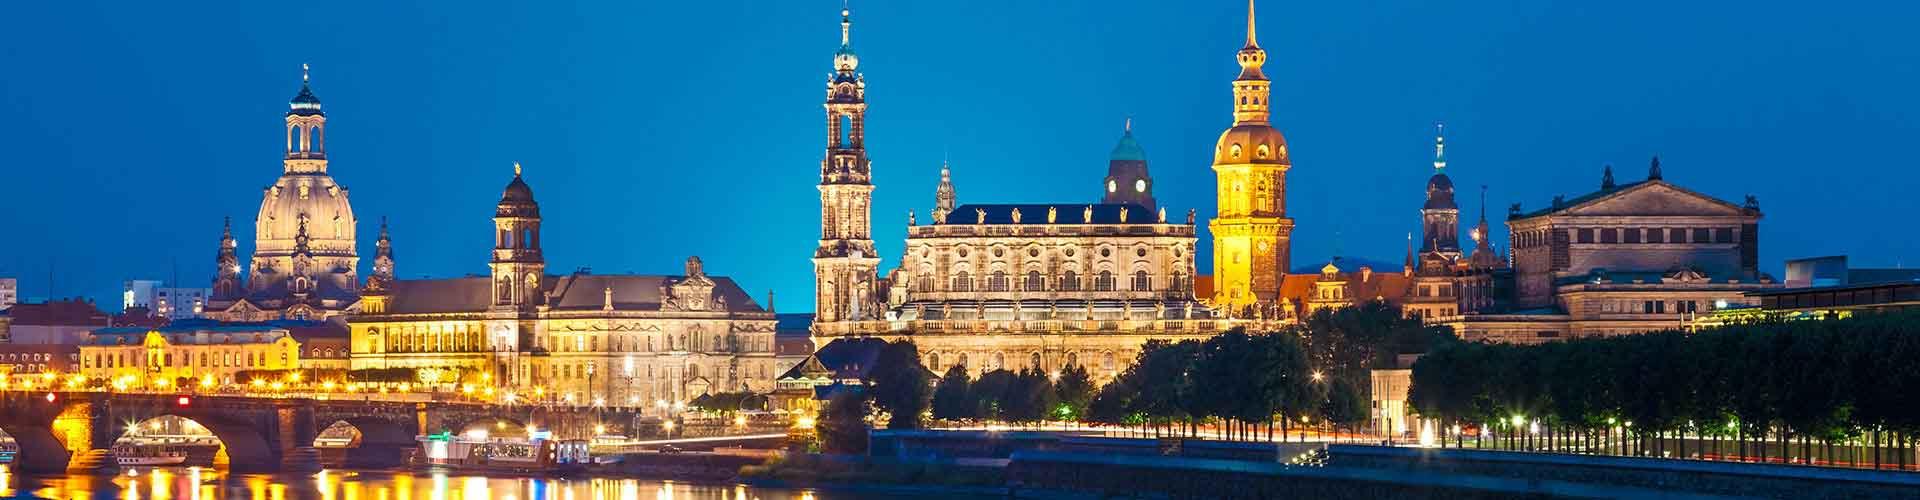 Dresde - Chambres pas chères dans le quartier de Innere Neustadt. Cartes pour Dresde, photos et commentaires pour chaque chambre à Dresde.